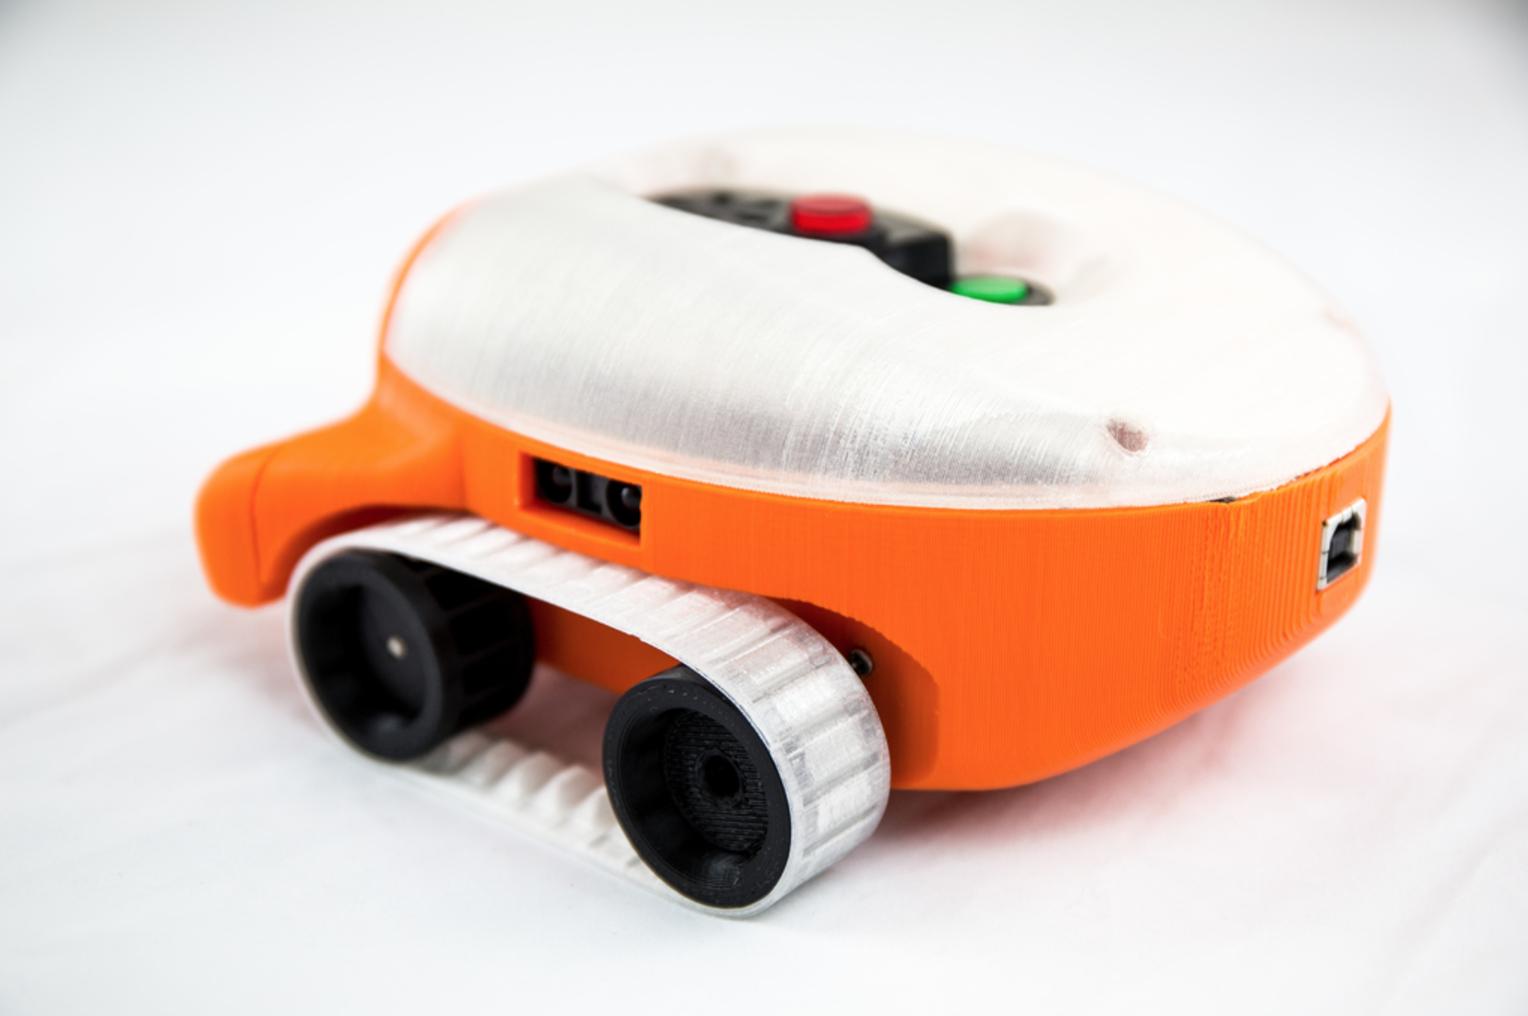 Capture d'écran 2017-07-26 à 13.56.06.png Download free STL file Simula 5 Robot Developers Kit • 3D printable model, JamieLaing